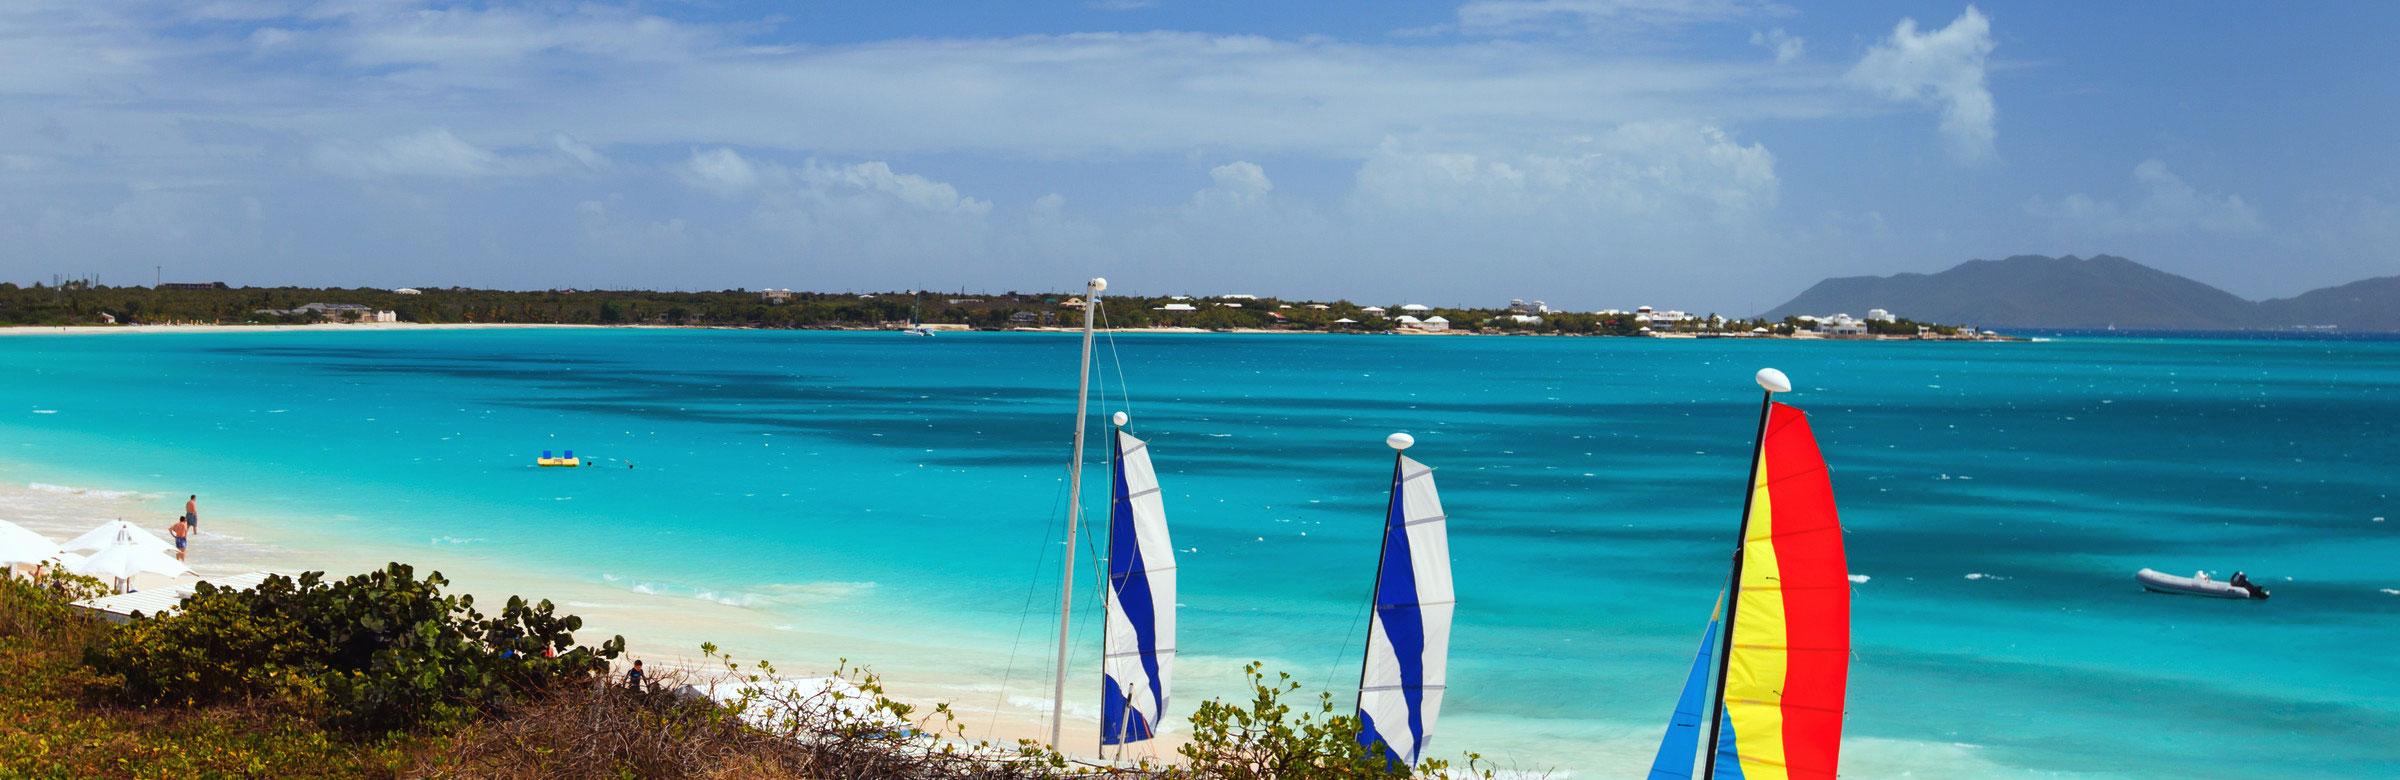 Anguilla Destinations